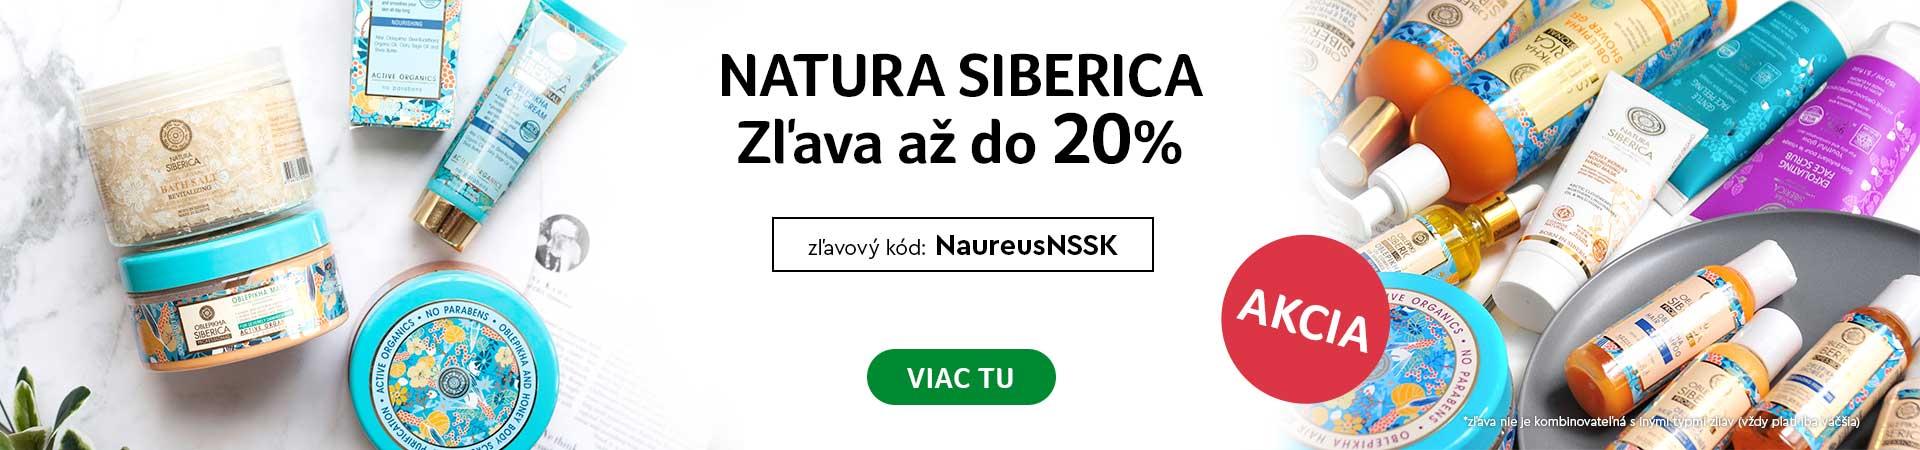 20% Zľava na celú značku Natura Siberica do 27.09.2020 + Doprava zadarmo s vybranými produktmi